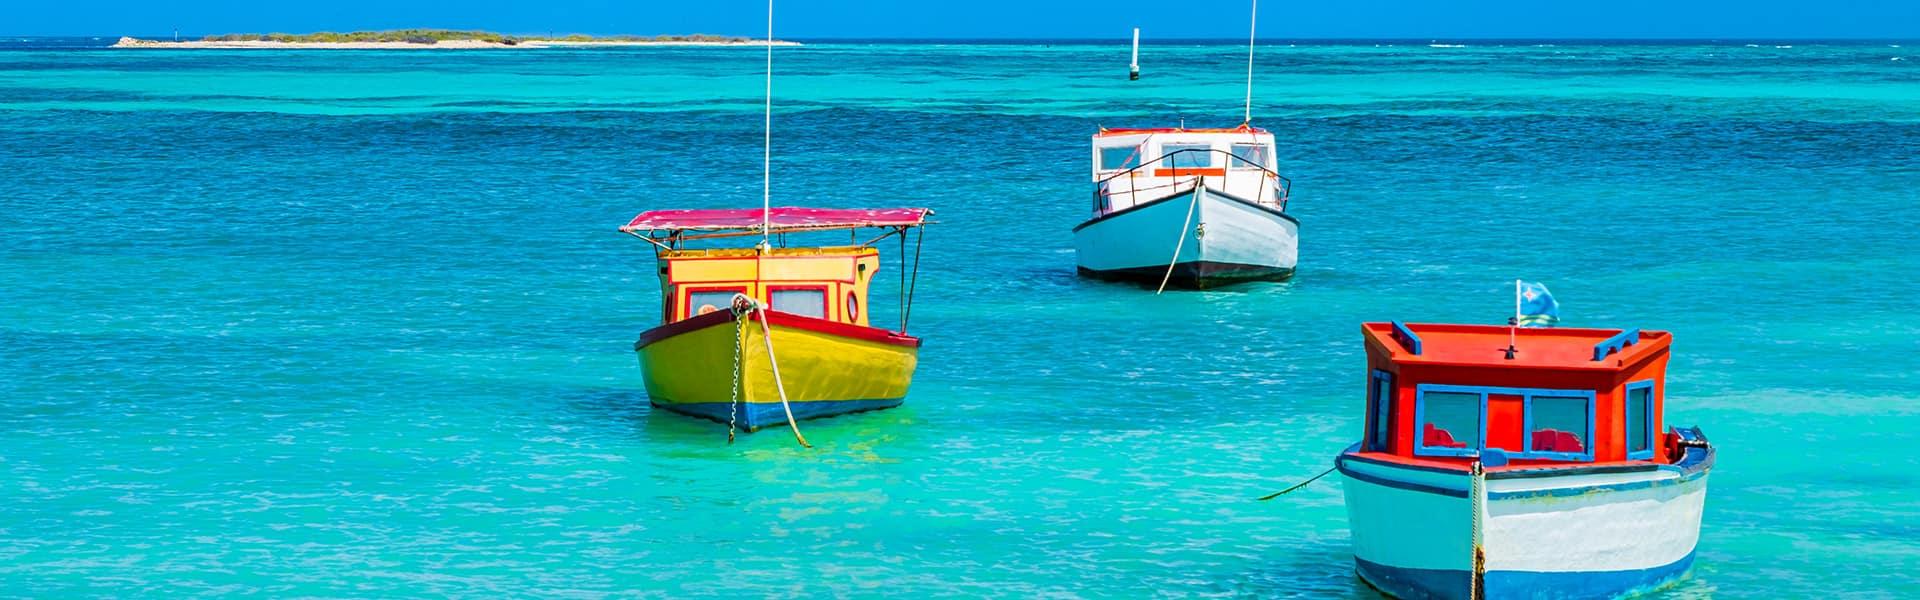 Canal de Panamá: Curazao, Aruba y Cartagena